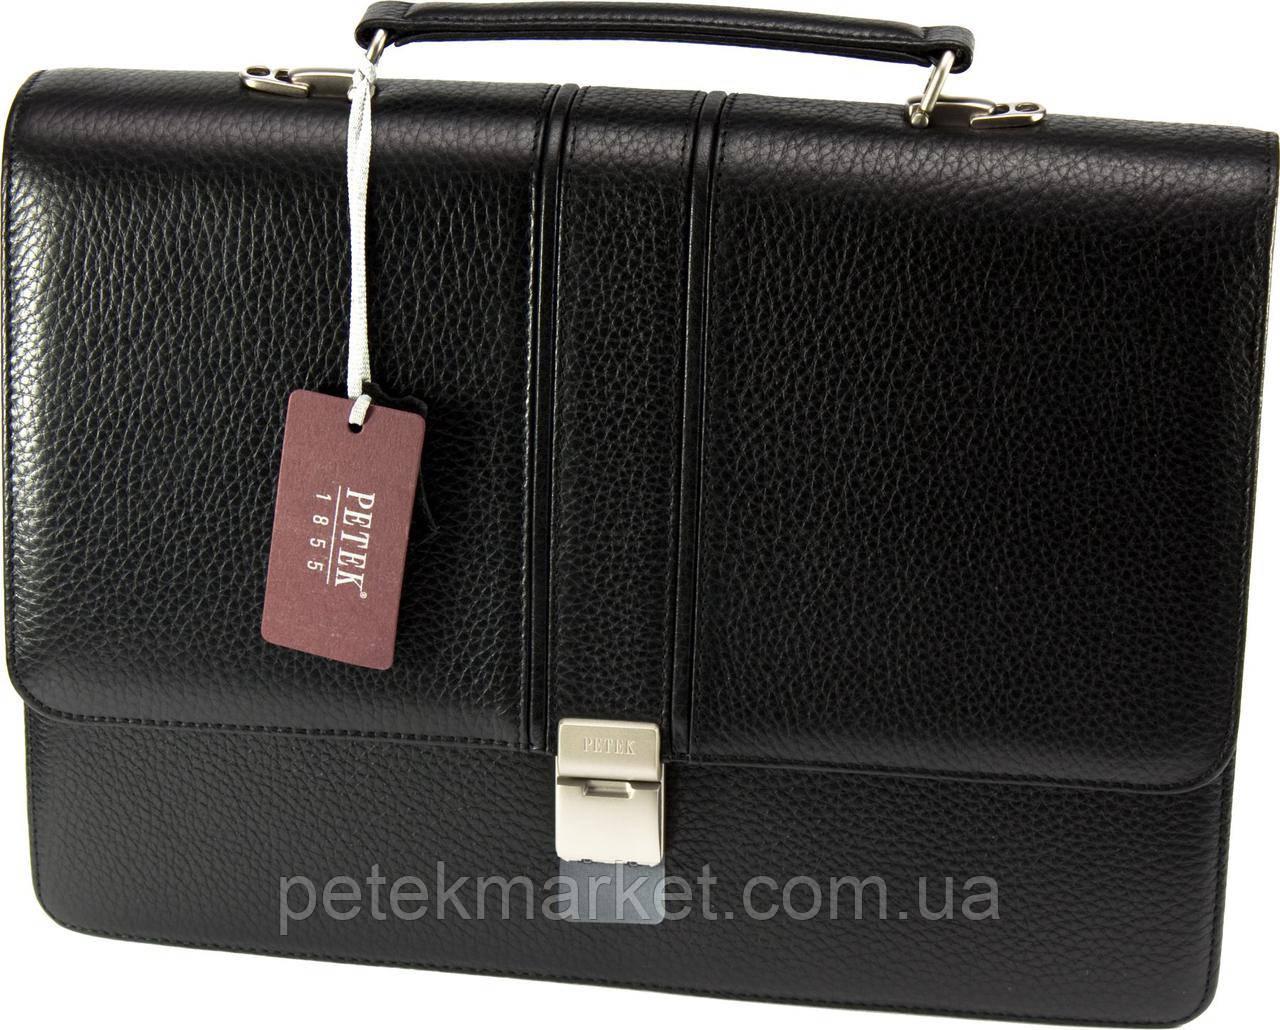 Кожаный портфель Petek 752